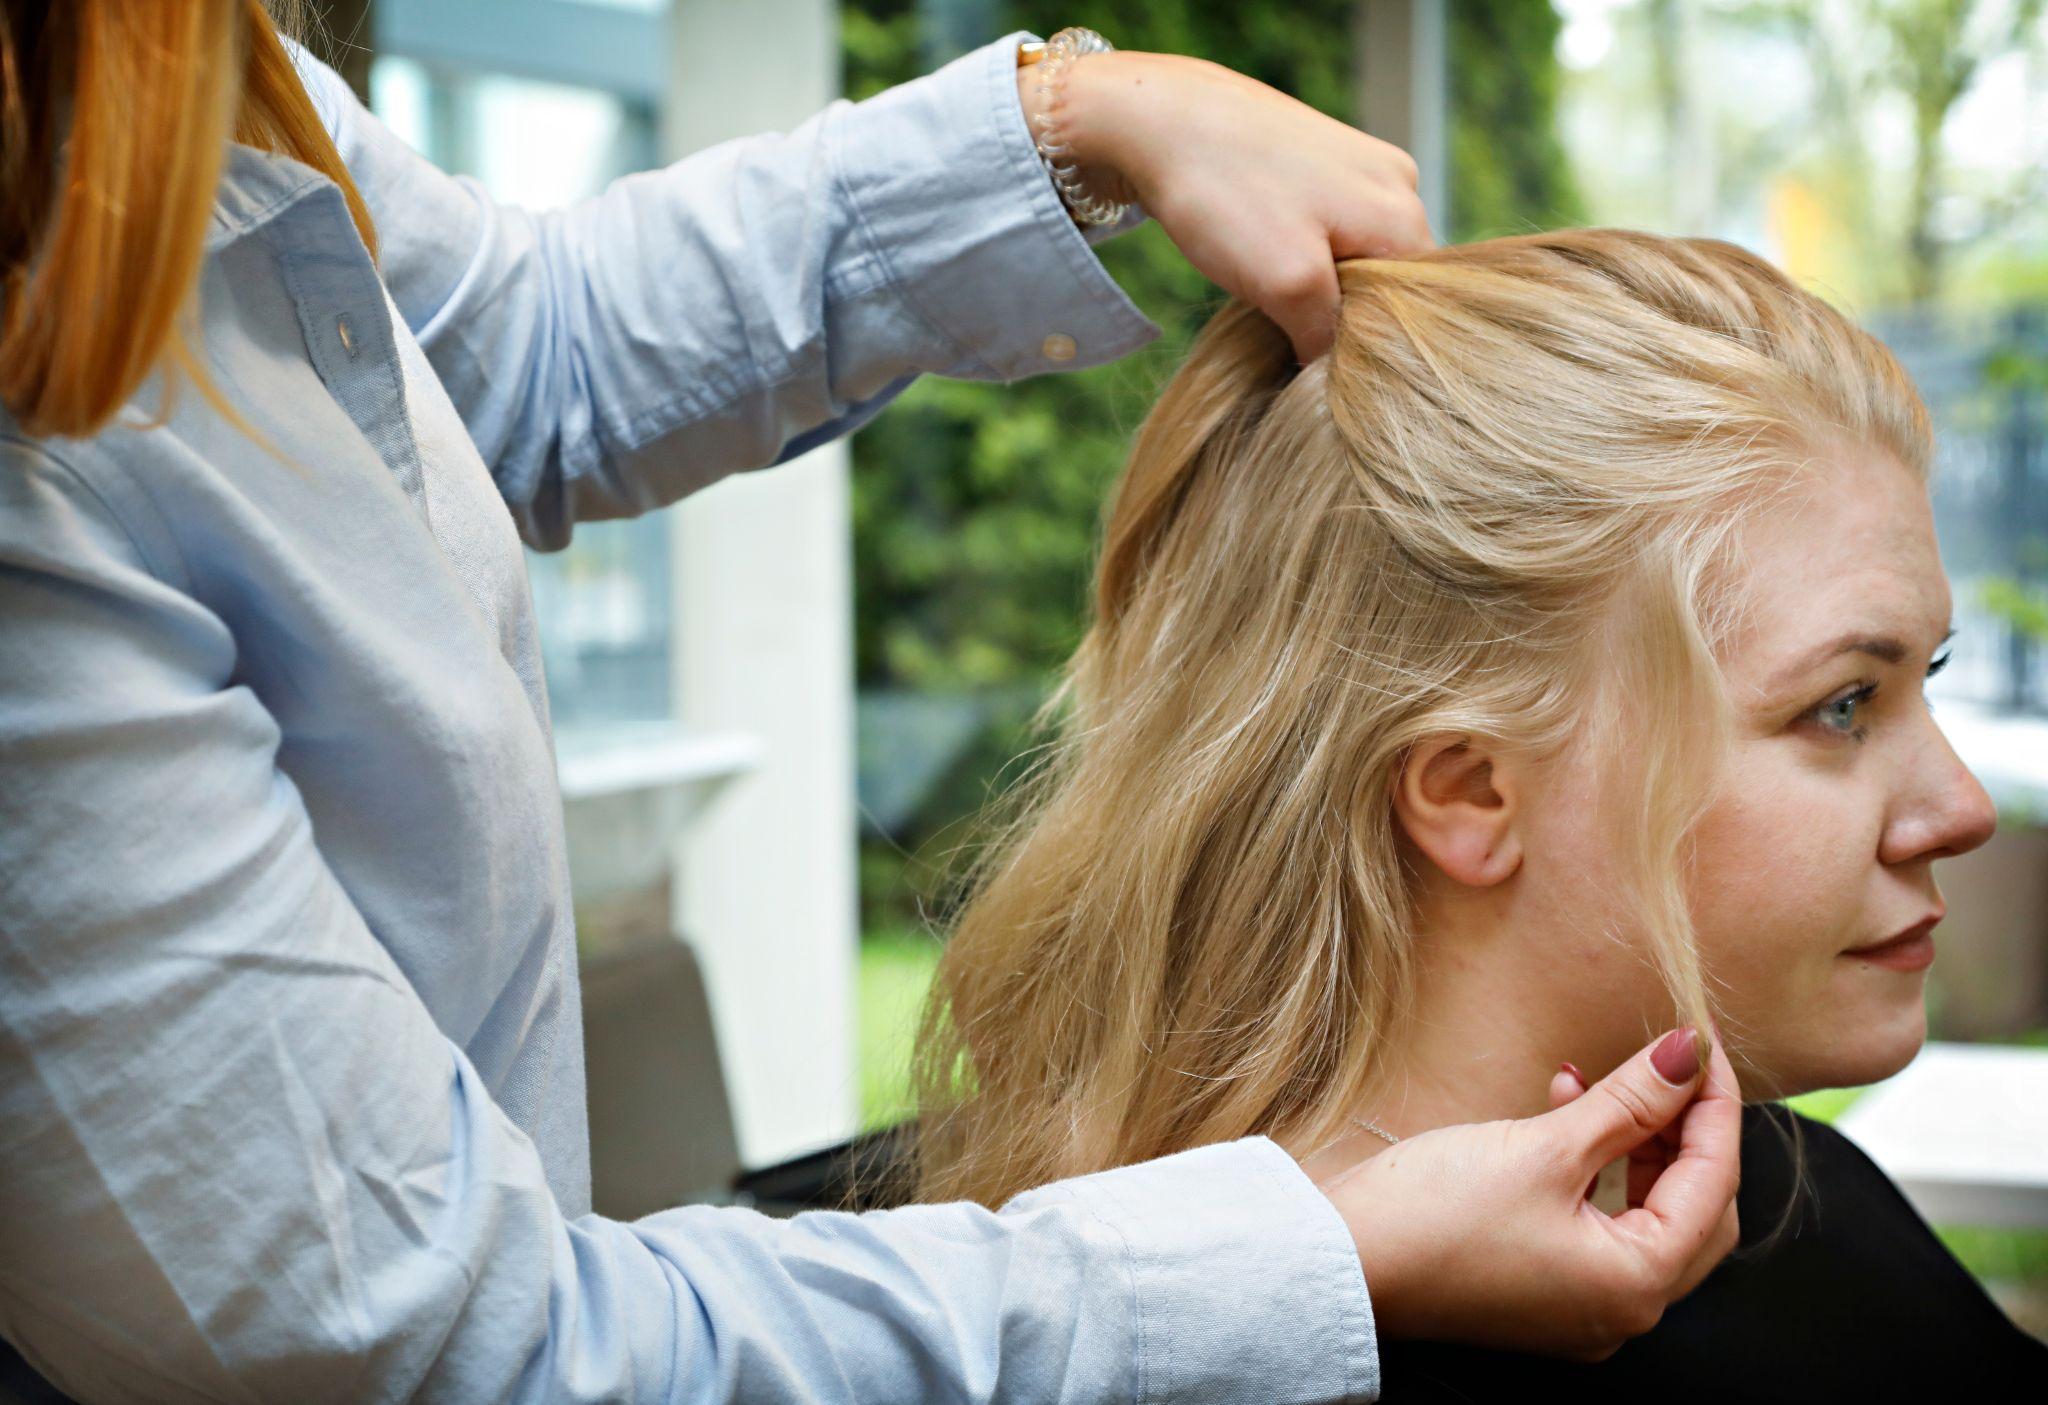 Ta et utvalg hår fra pannen og fest med en gummistrikk på midten bak på hodet. Pass på at det er et par centimeter mellom hestehalen og ørene. La det ligge litt småhår ved ørene for å få en løsere look.